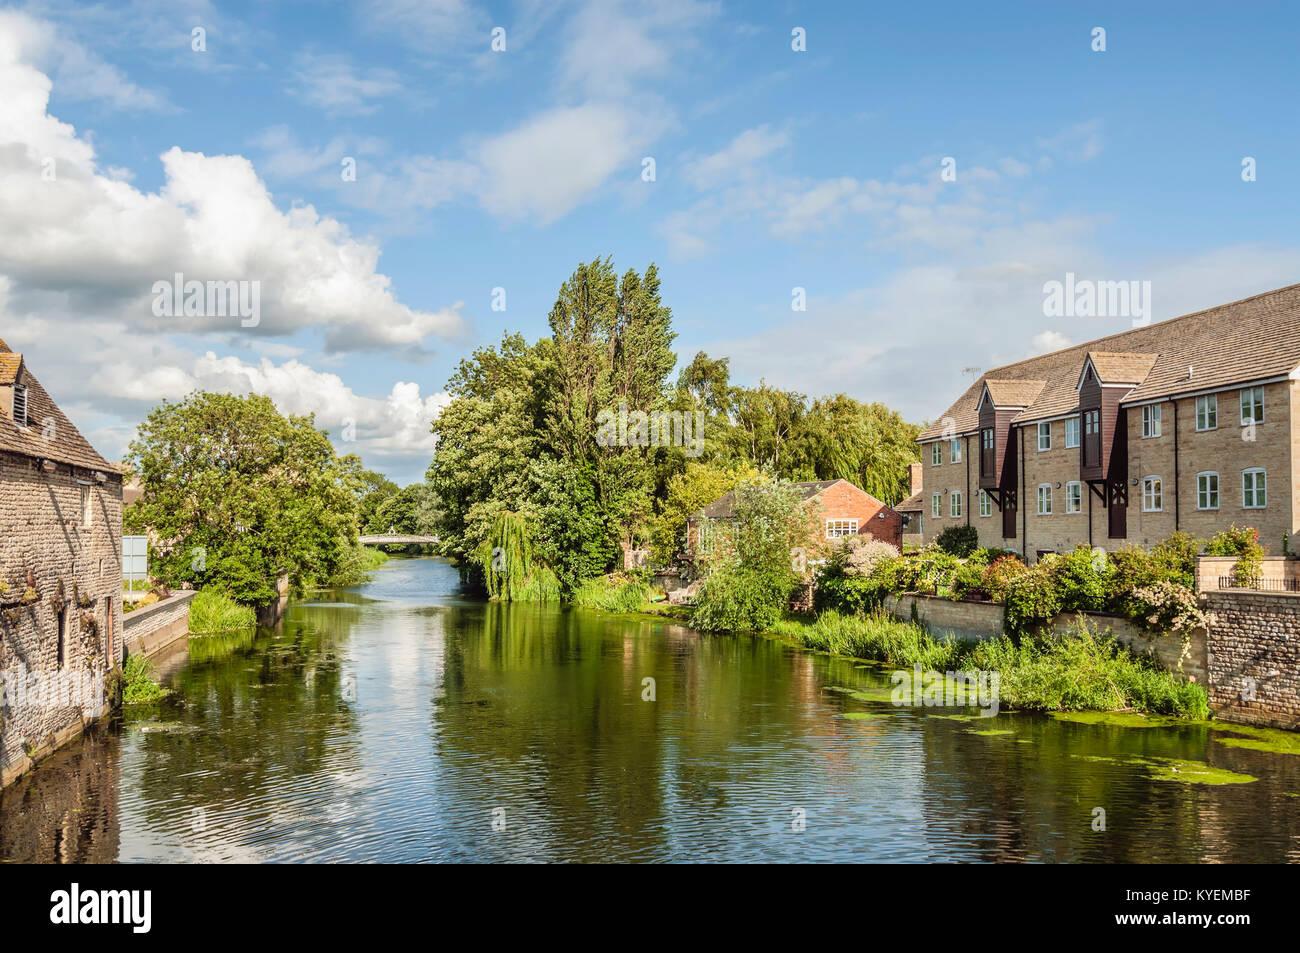 Stamford ist eine alte Stadt etwa 100 Meilen nördlich von London, das war die alte Great North Road, York und Stockbild